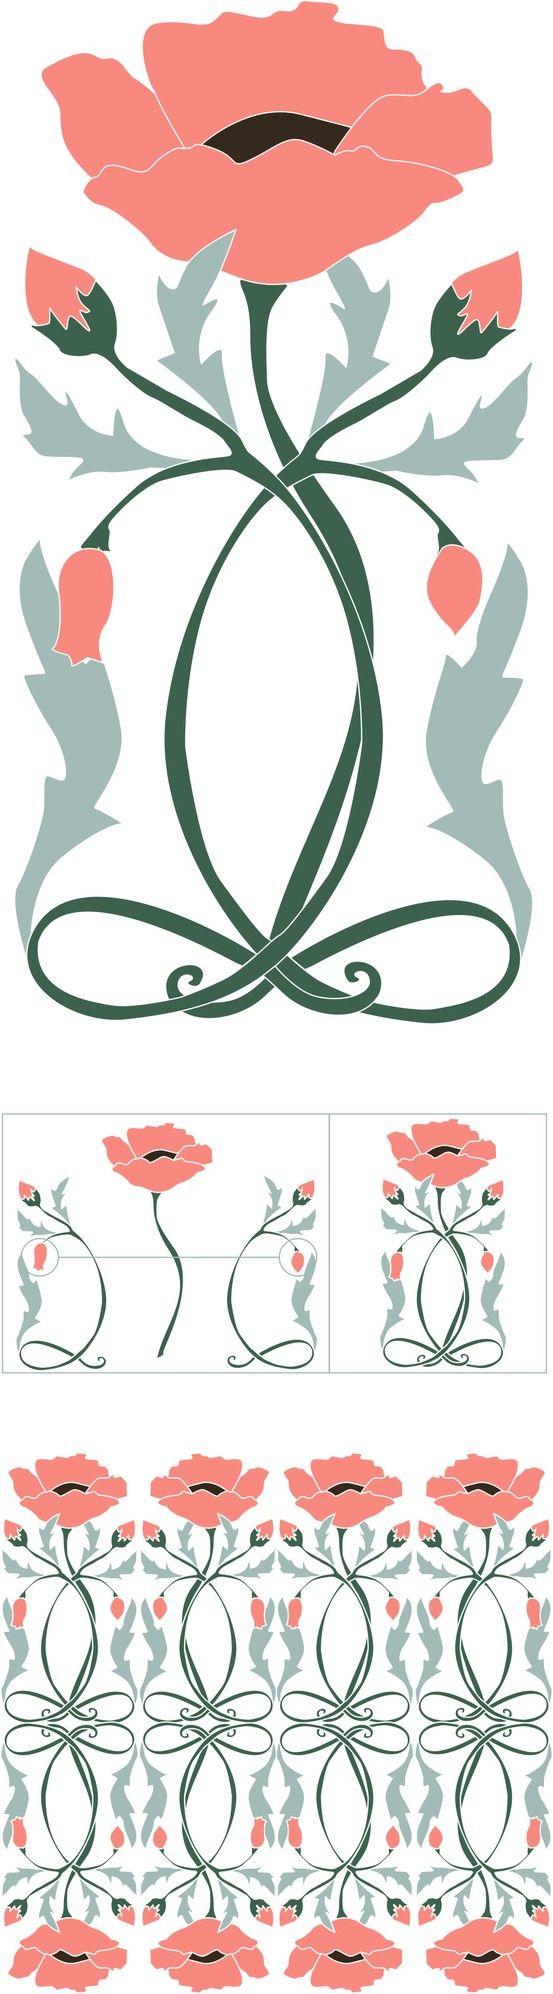 Art Nouveau Flower Illustrations